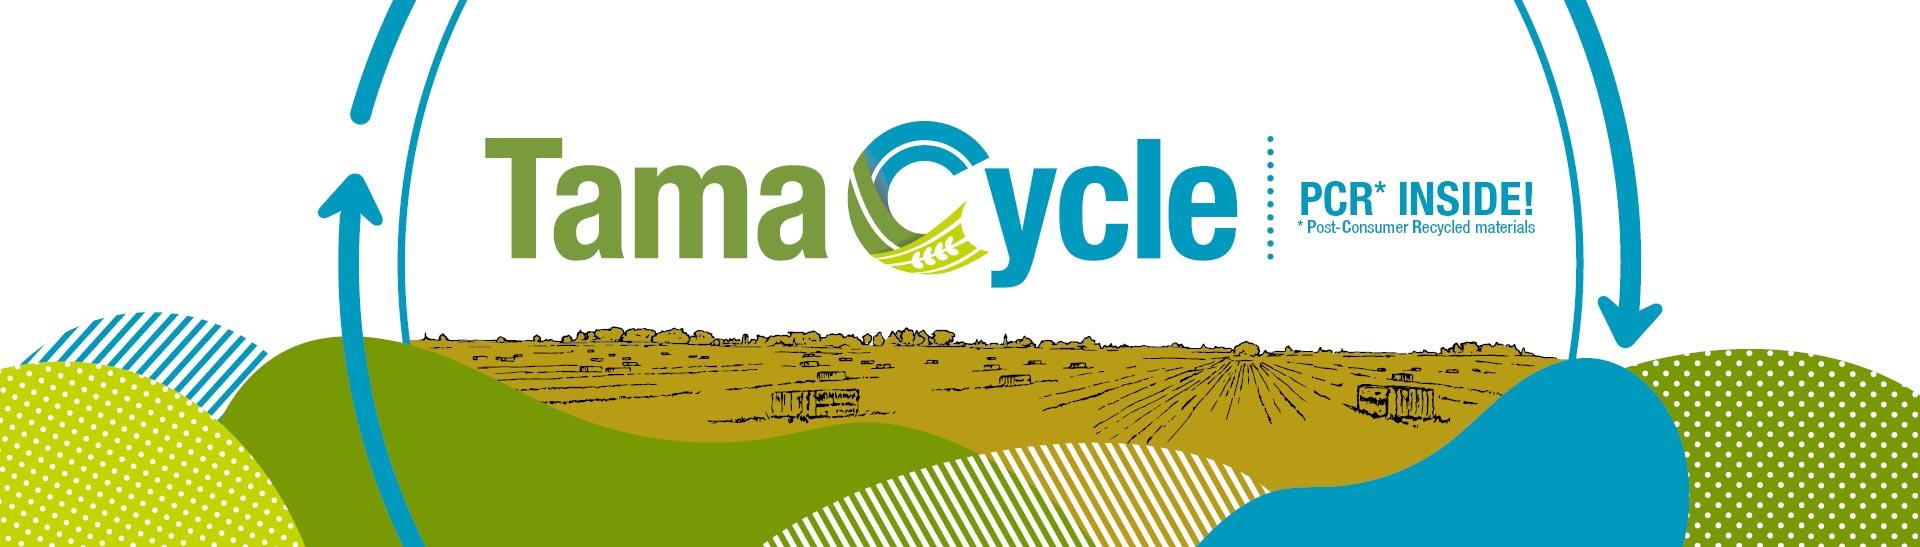 Tama Cycle